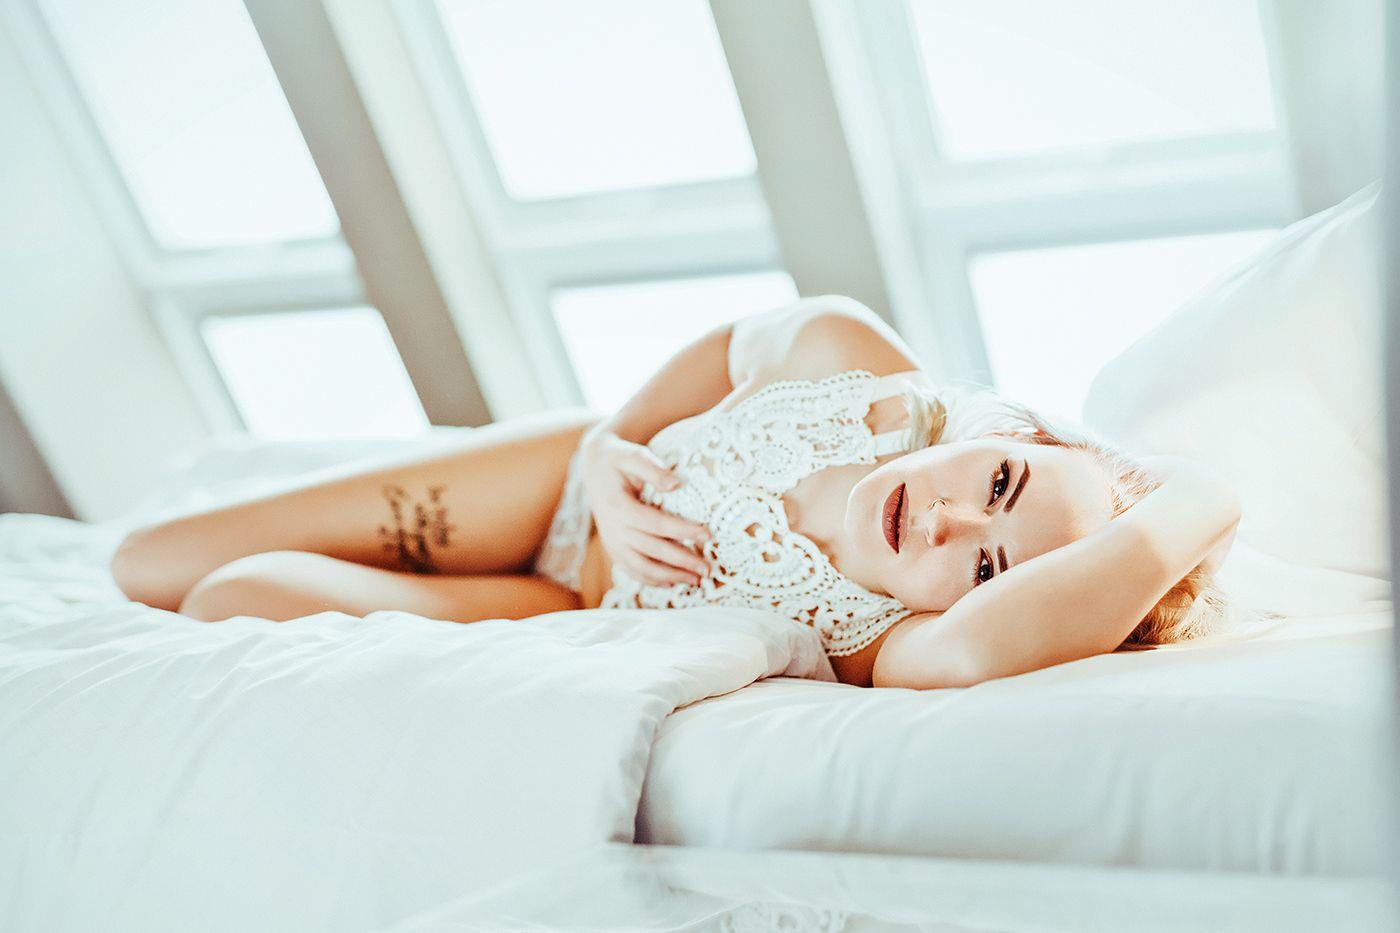 sinnlich_04_indoor_hotel_georges_essen_goodnight_medusa_lingerie_harness_1